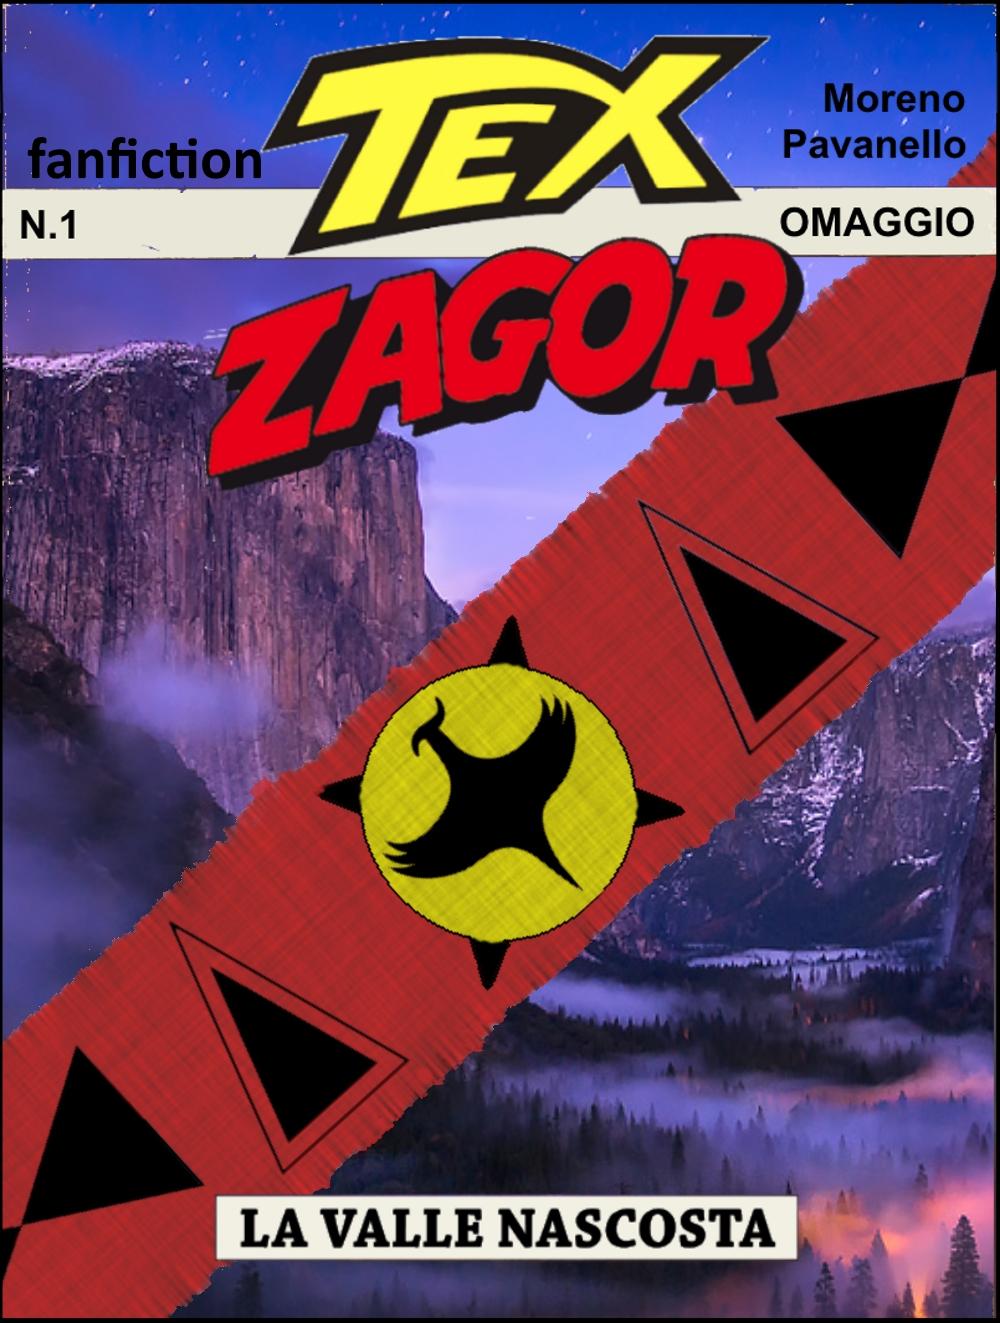 Una nuova fanfiction: Tex-Zagor: La Valle Nascosta